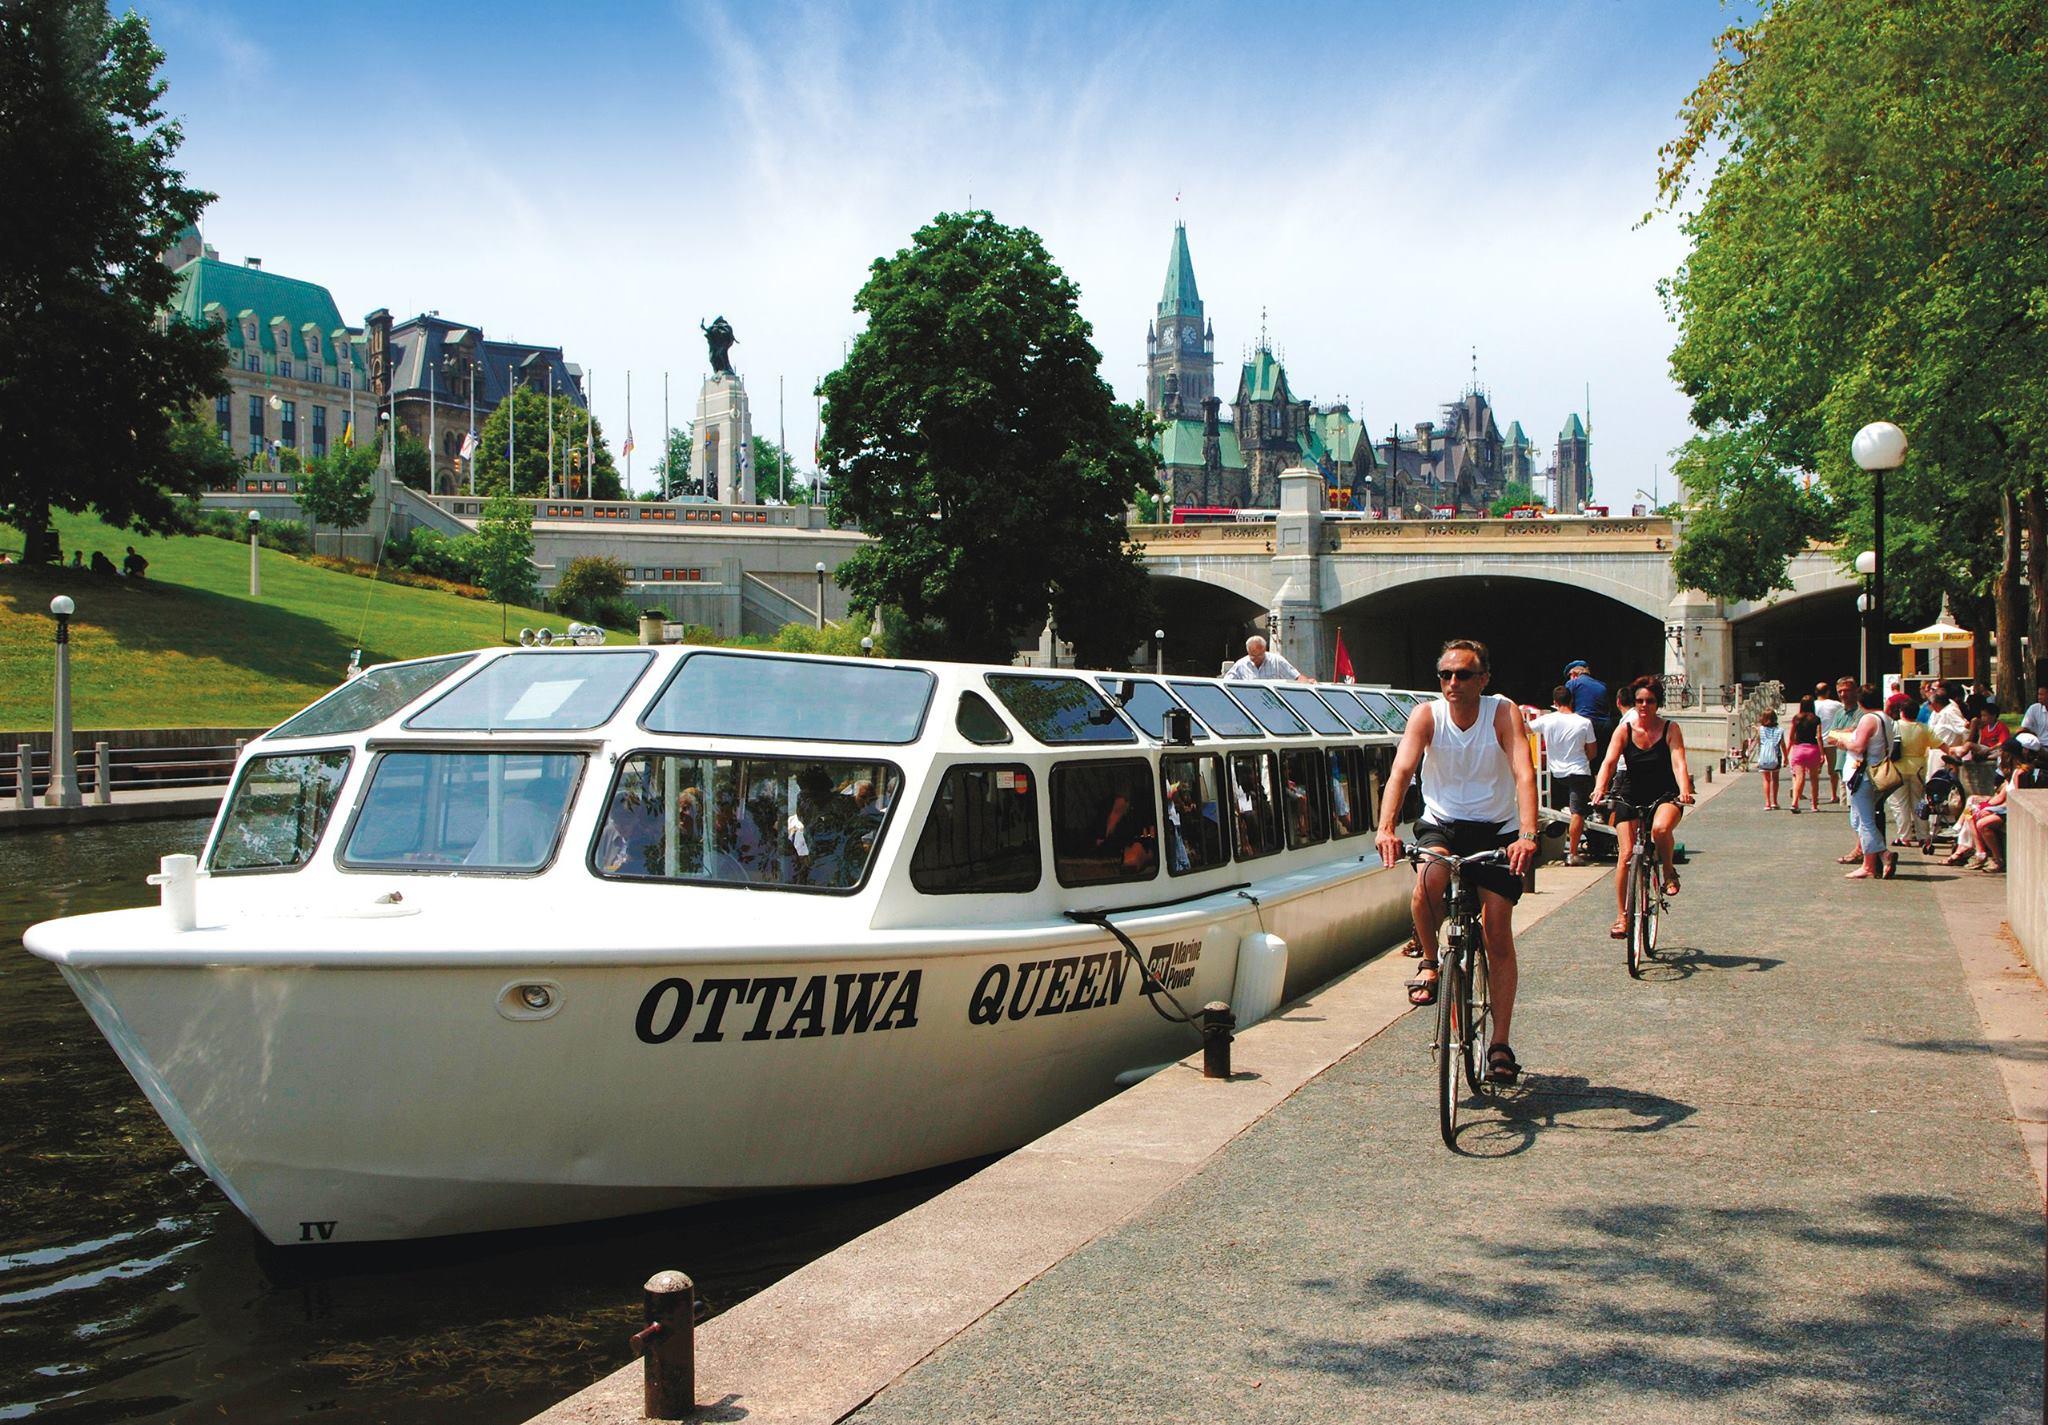 rideau canal  Canadá é eleito o segundo melhor país do mundo, e o número um em qualidade de vida 10293601 733212533406079 782458530306762322 o